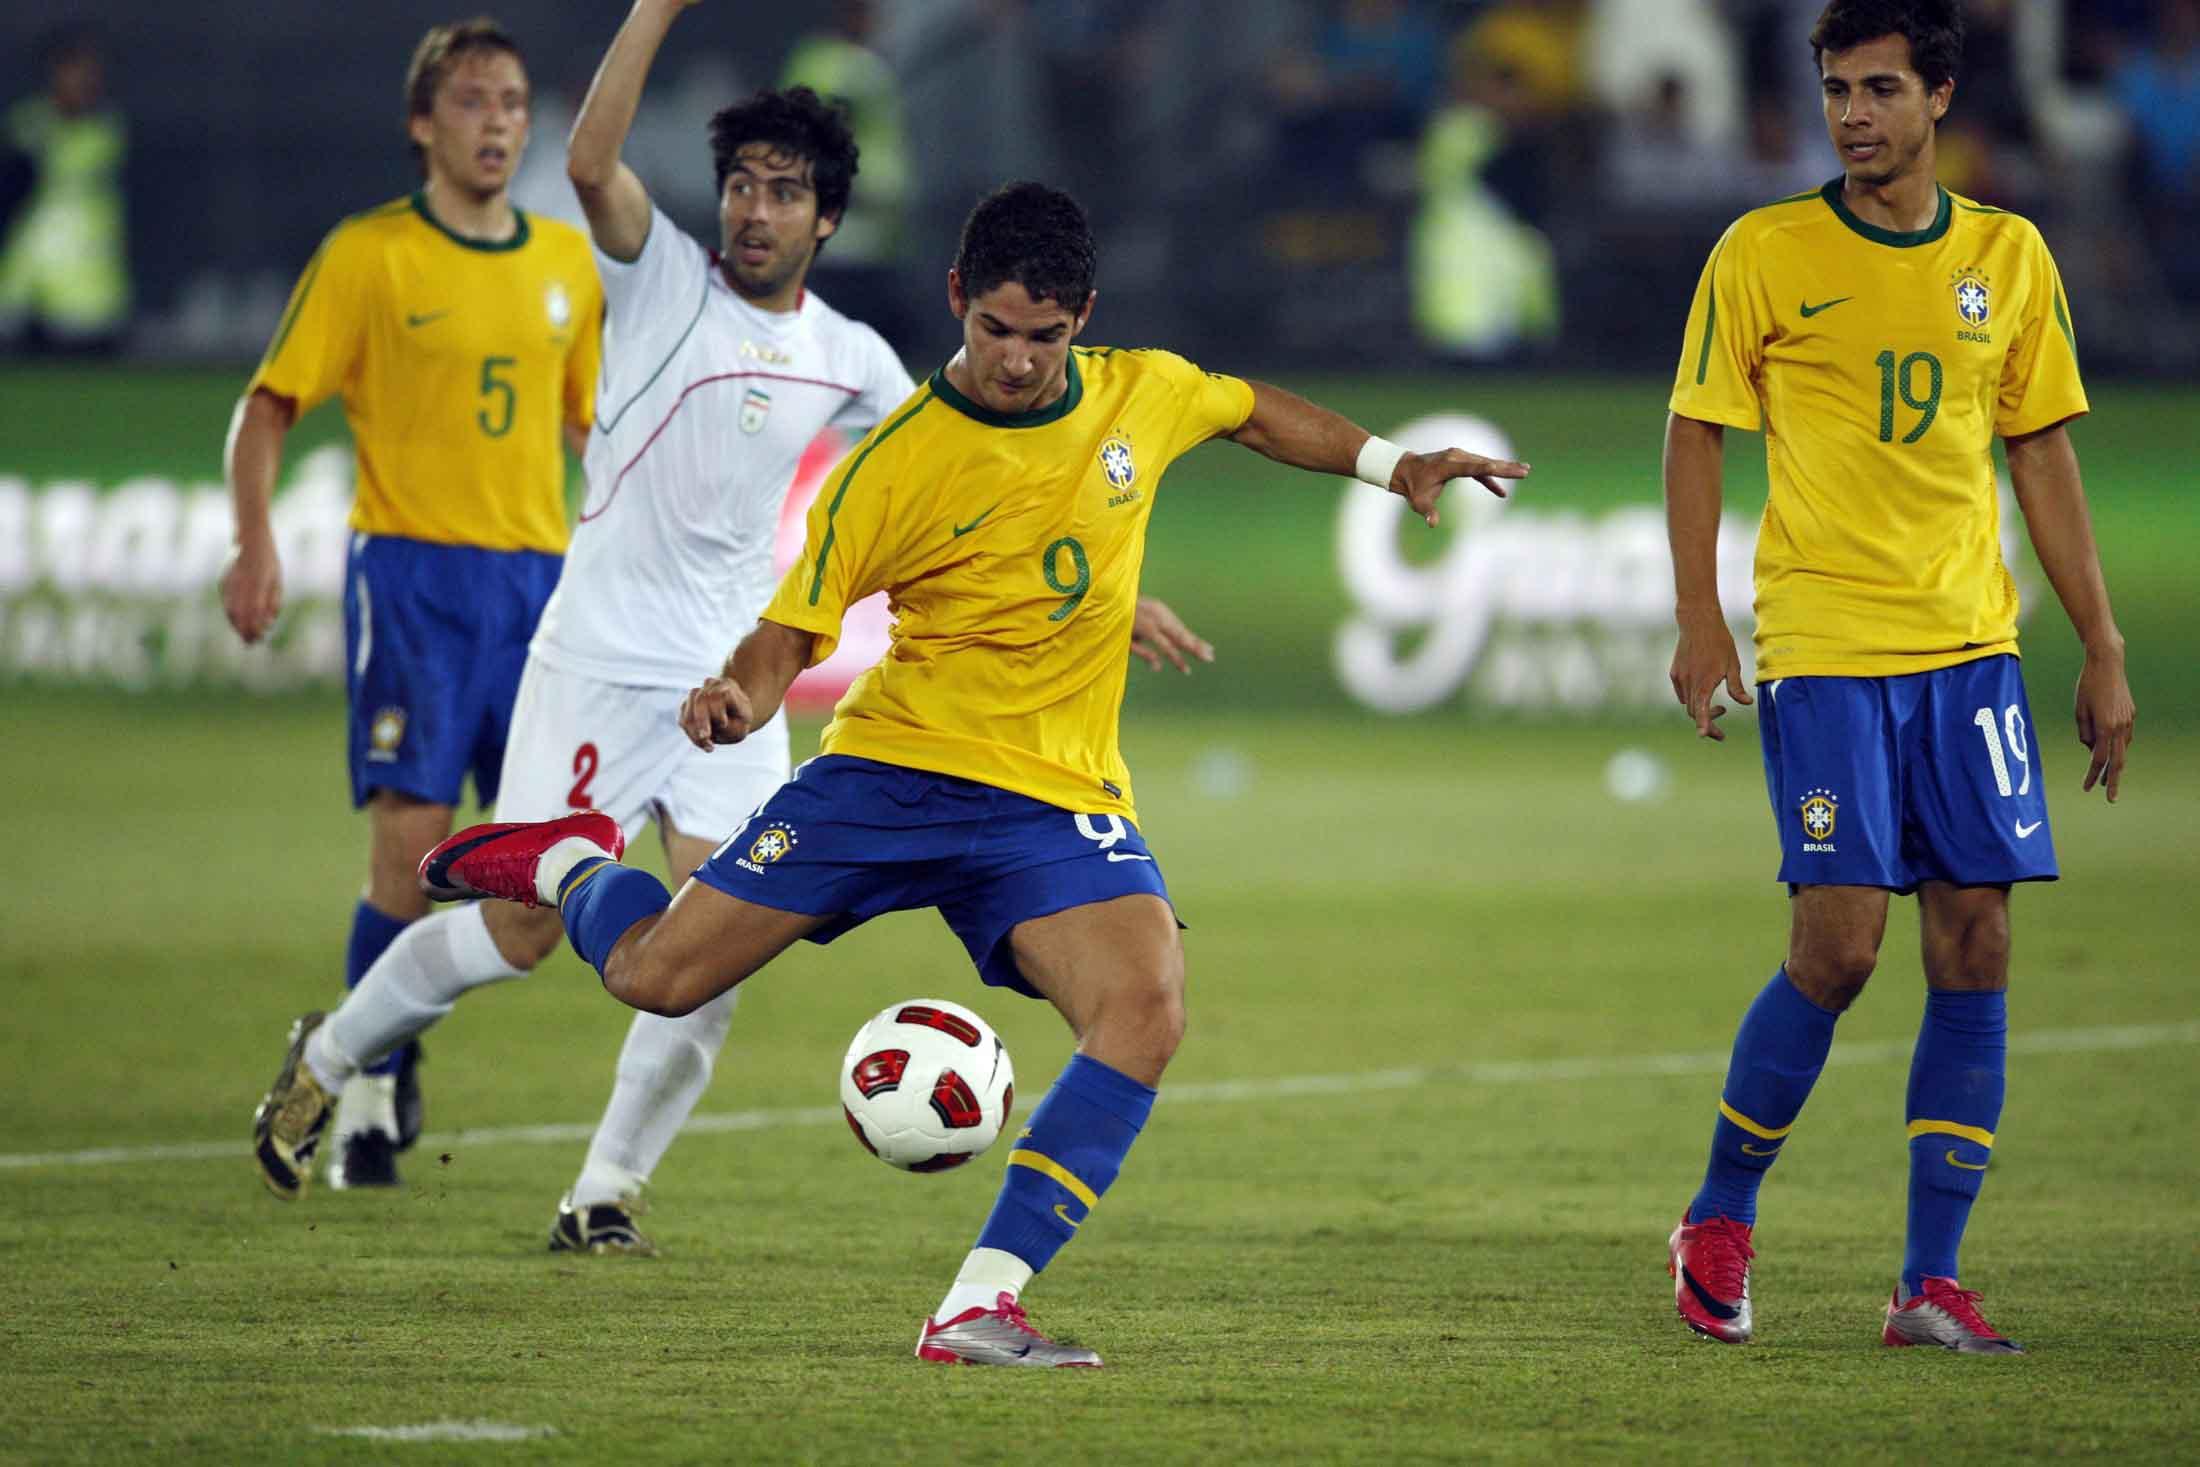 Artesanato Lembrancinhas Passo A Passo ~ Blog do Alberto Helena Jr futebol, comentários, jogos, partidas e tabelas Carlos Eduardo